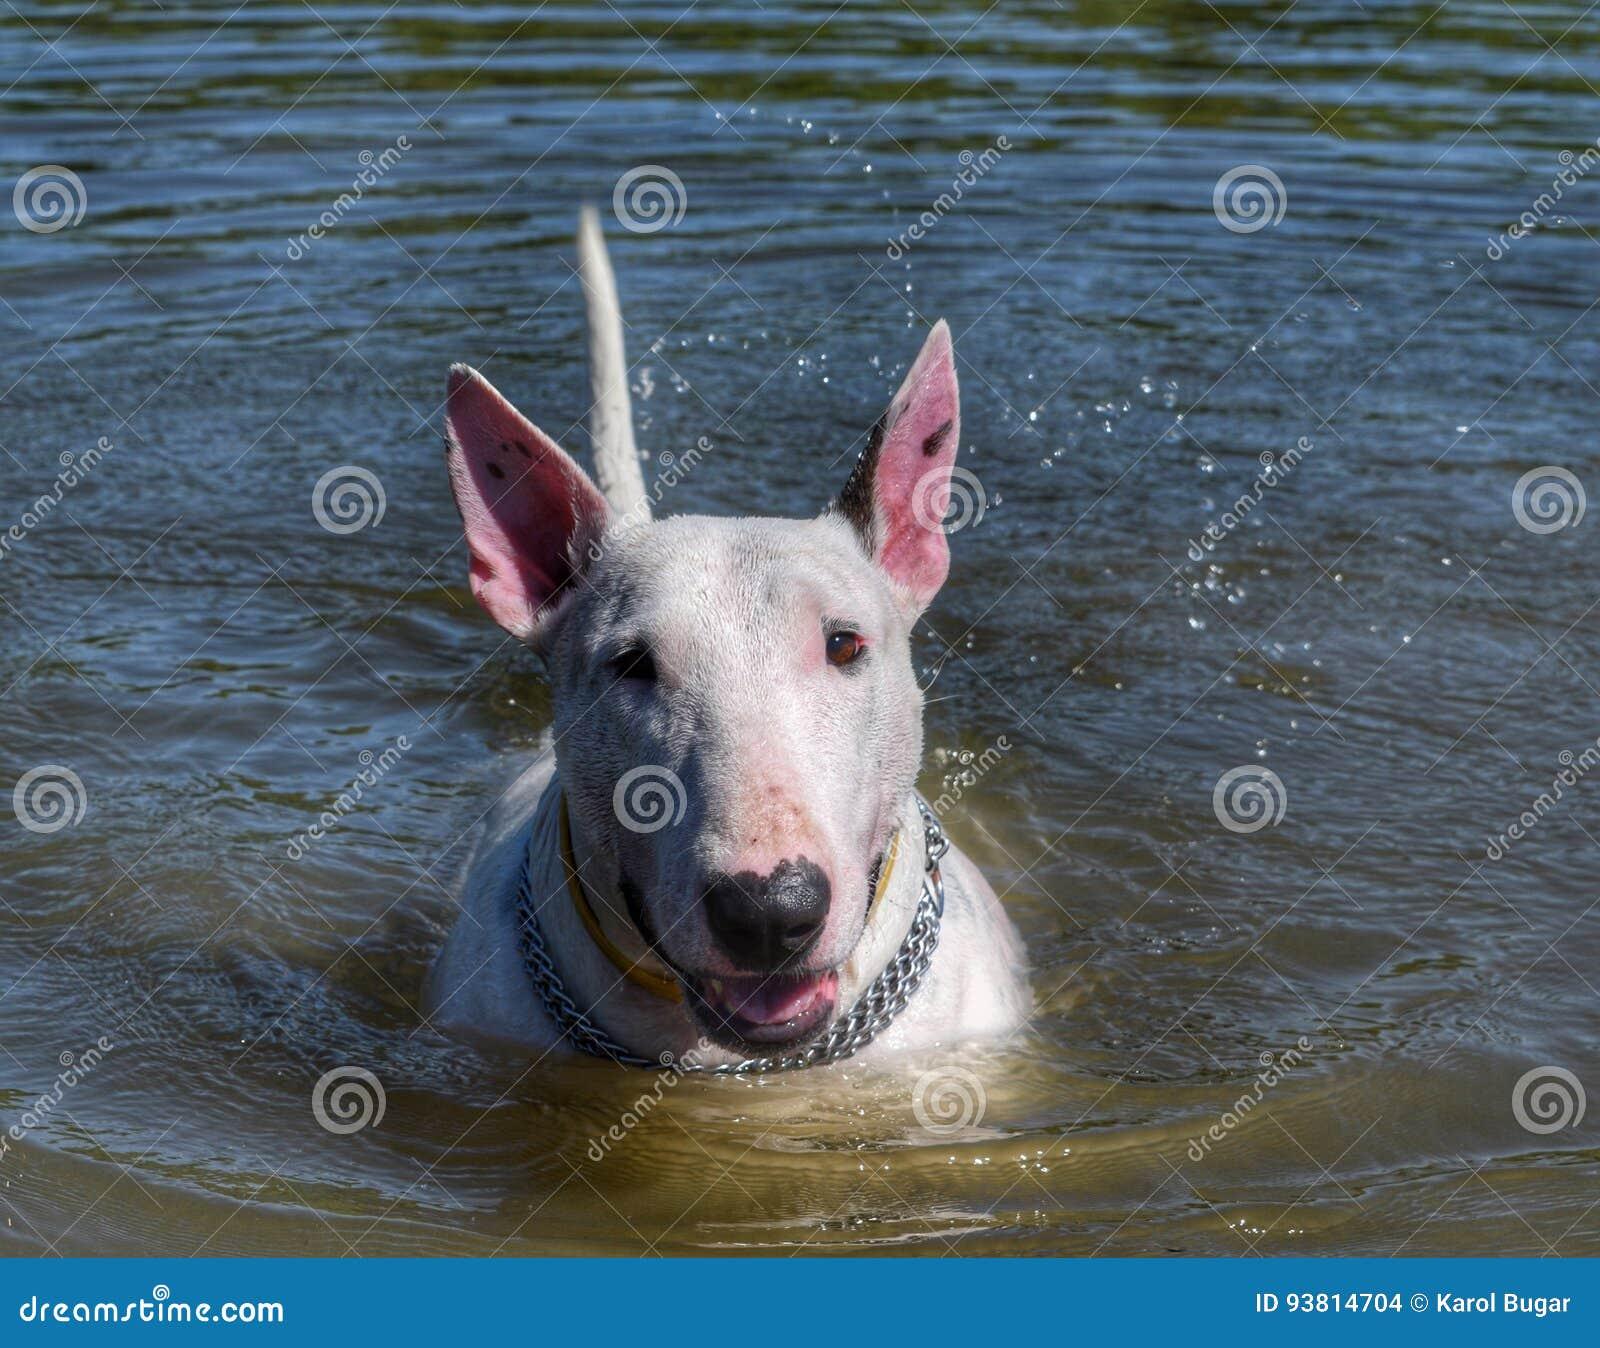 Dog stock photo  Image of lake, pitbull, portrait, tree